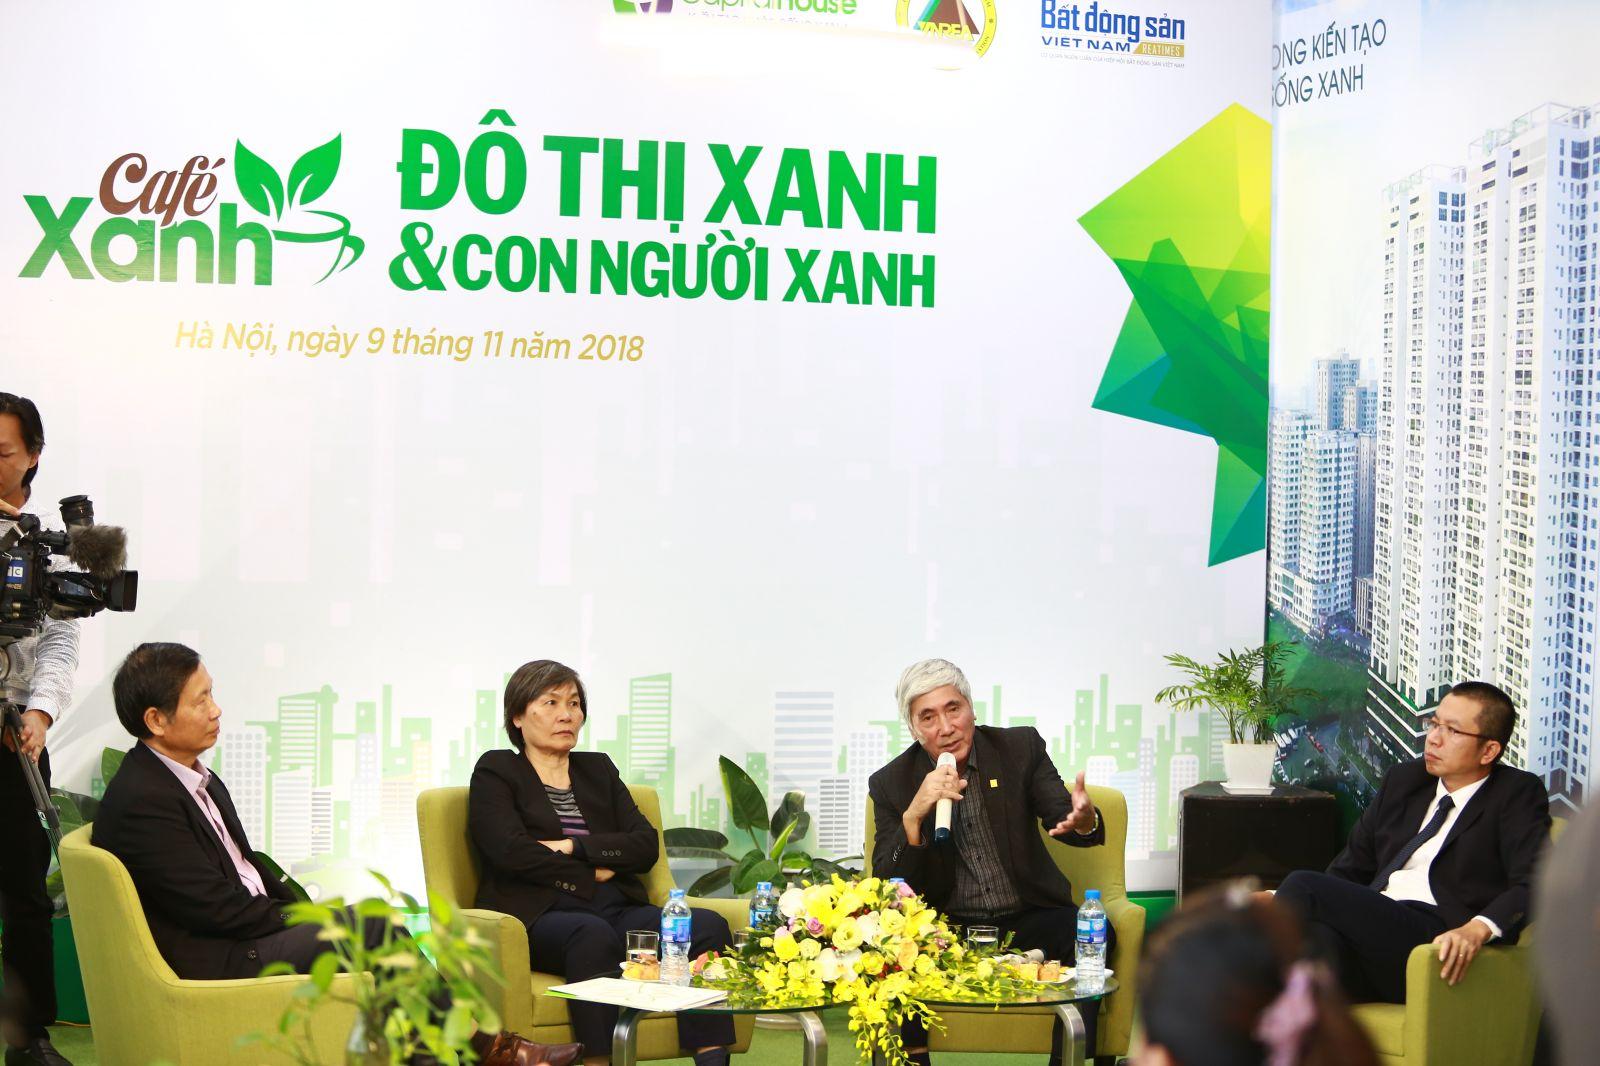 Toạ đàm có sự tham dự của ông Phạm Thanh Tùng